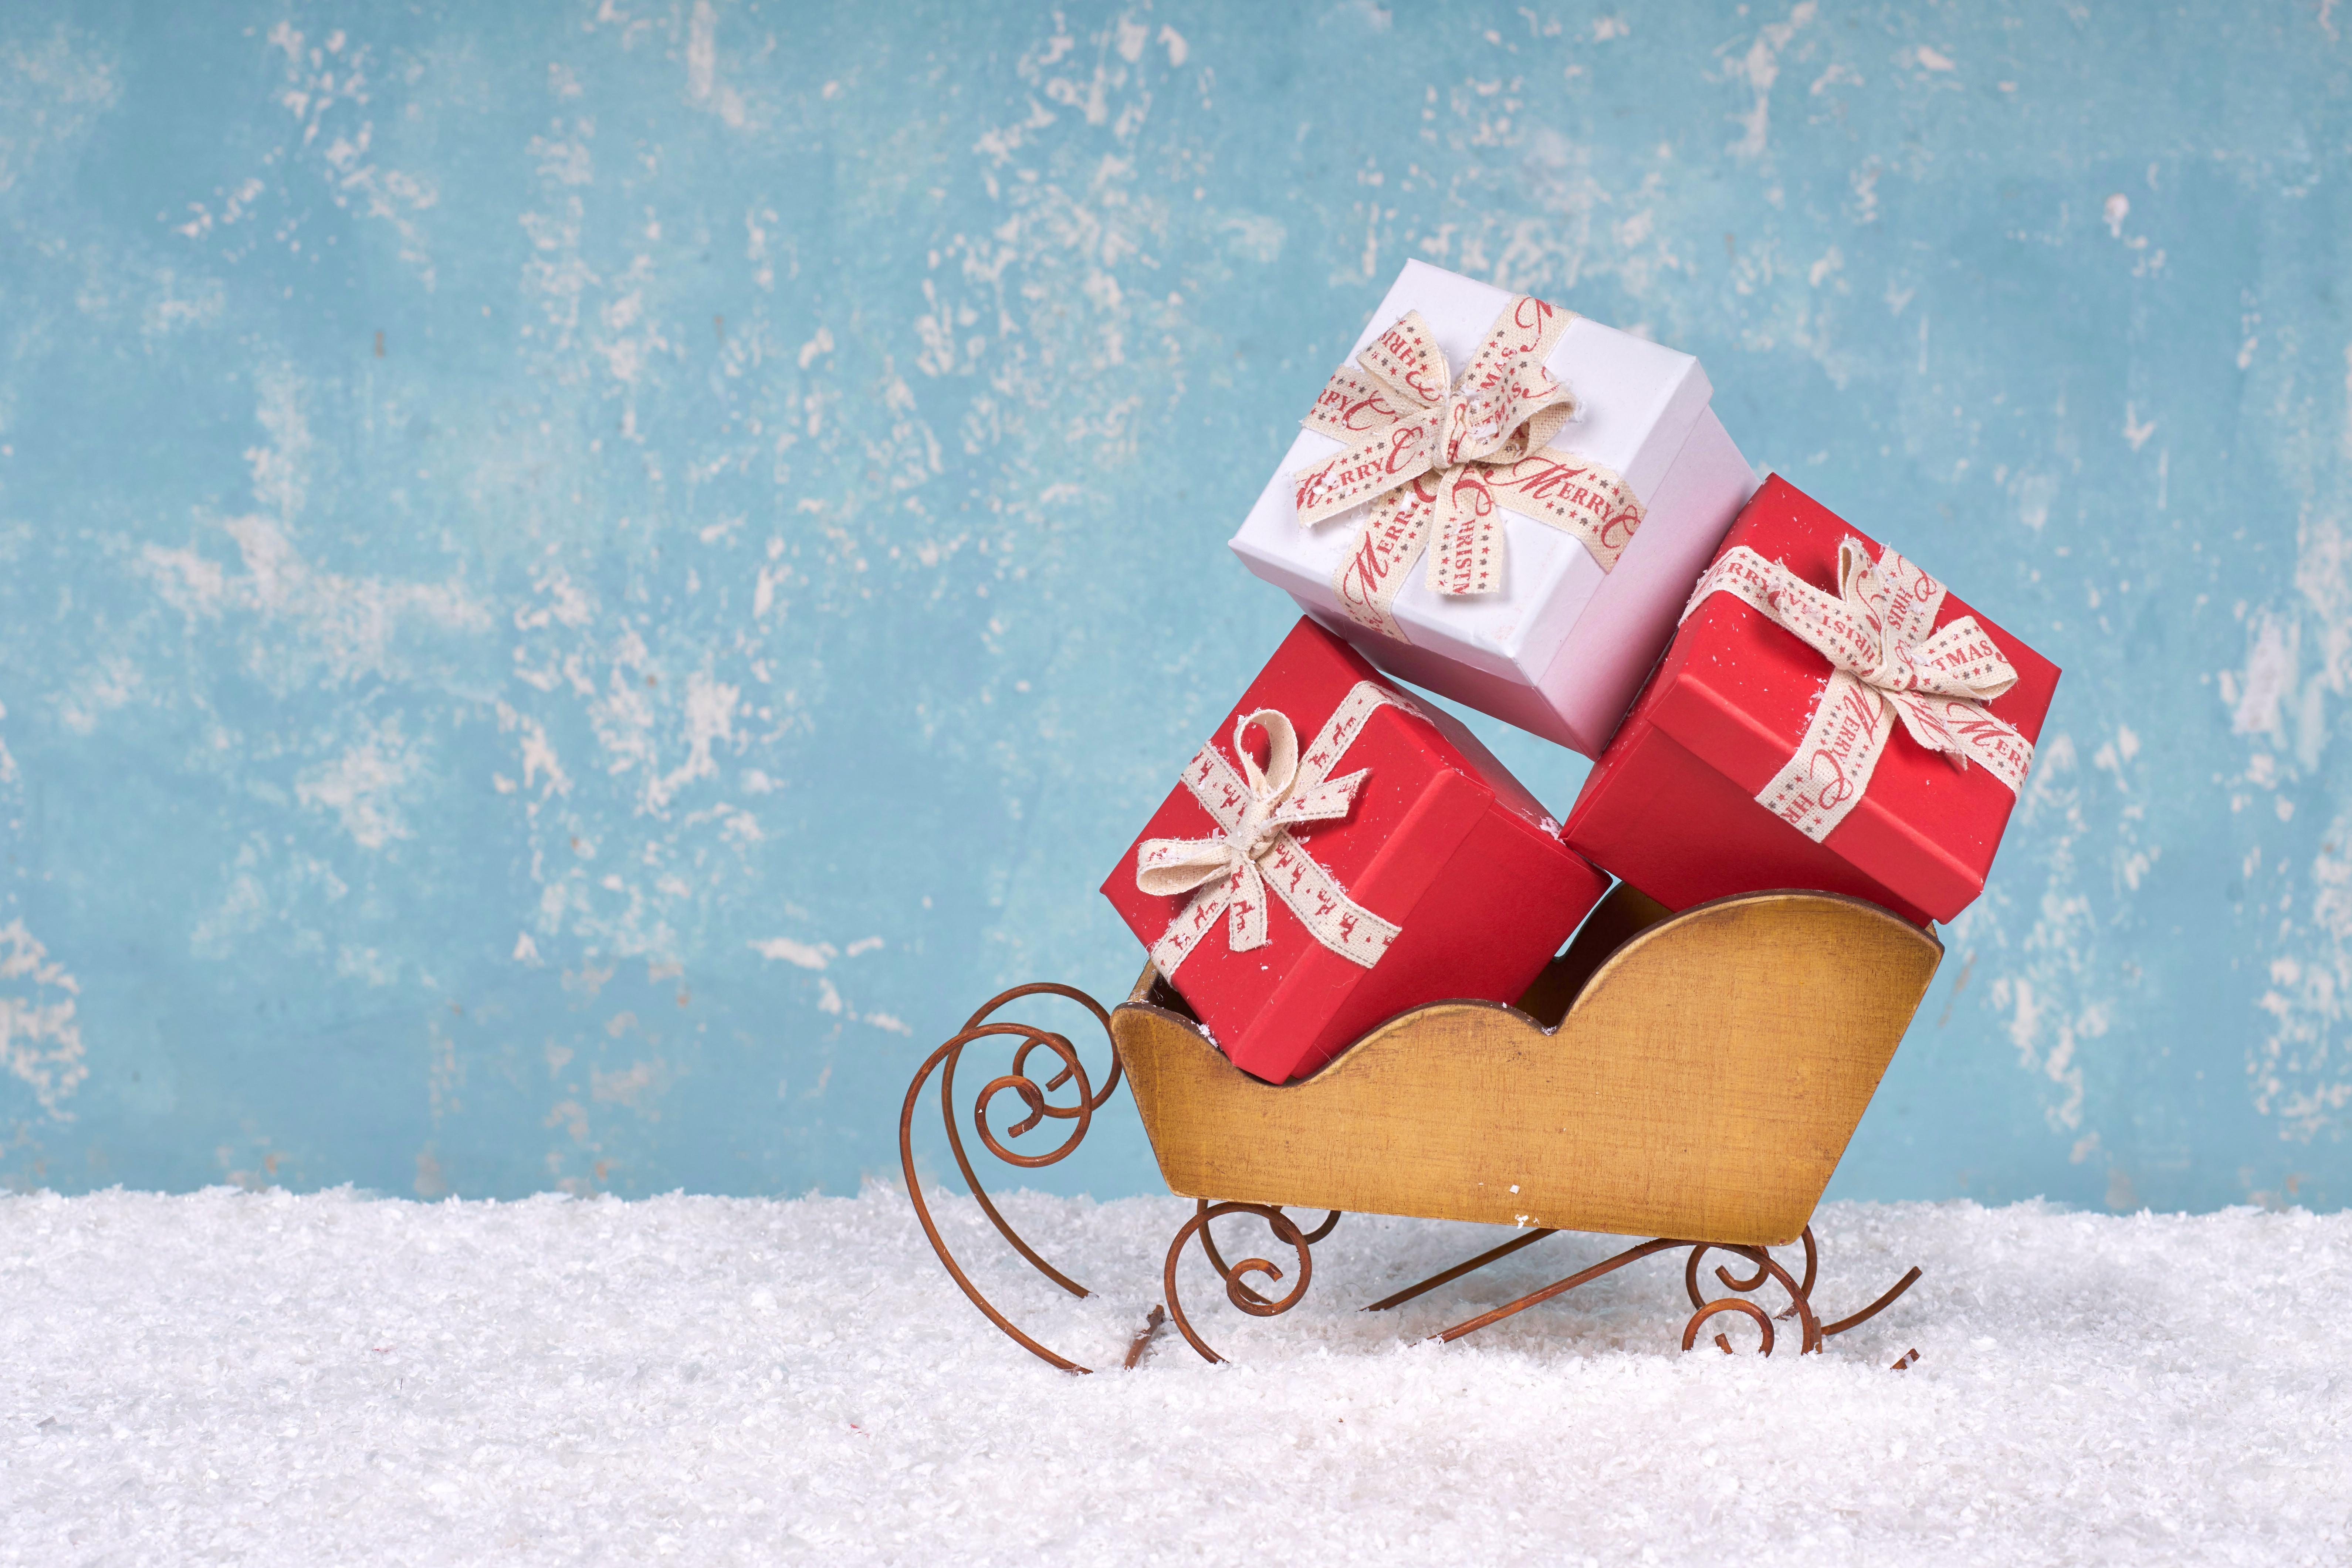 Новогодние картинки с санками, картинки годиком